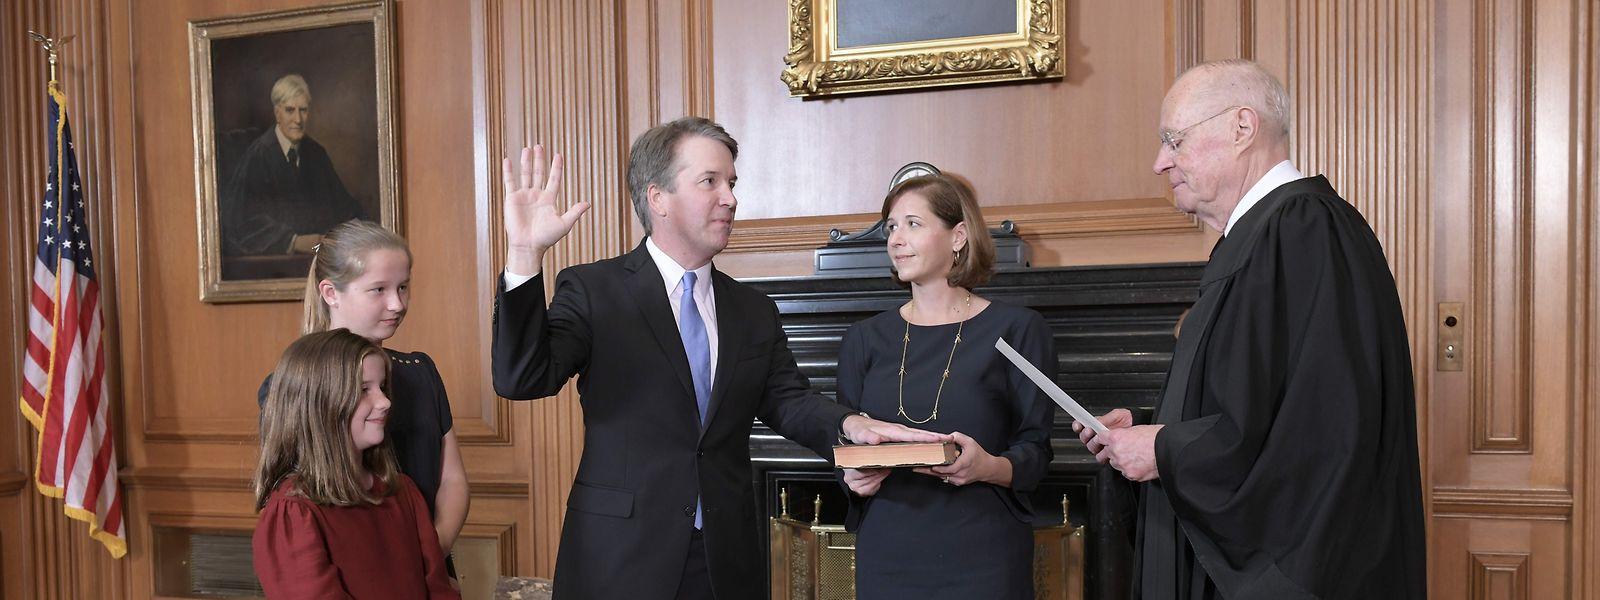 Am Ziel: Brett Kavanaugh leistet gegenüber seinem Vorgänger Richter Anthony Kennedy (r.) den Amtseid. Seine Frau Ashley Kavanaugh hält die Bibel.